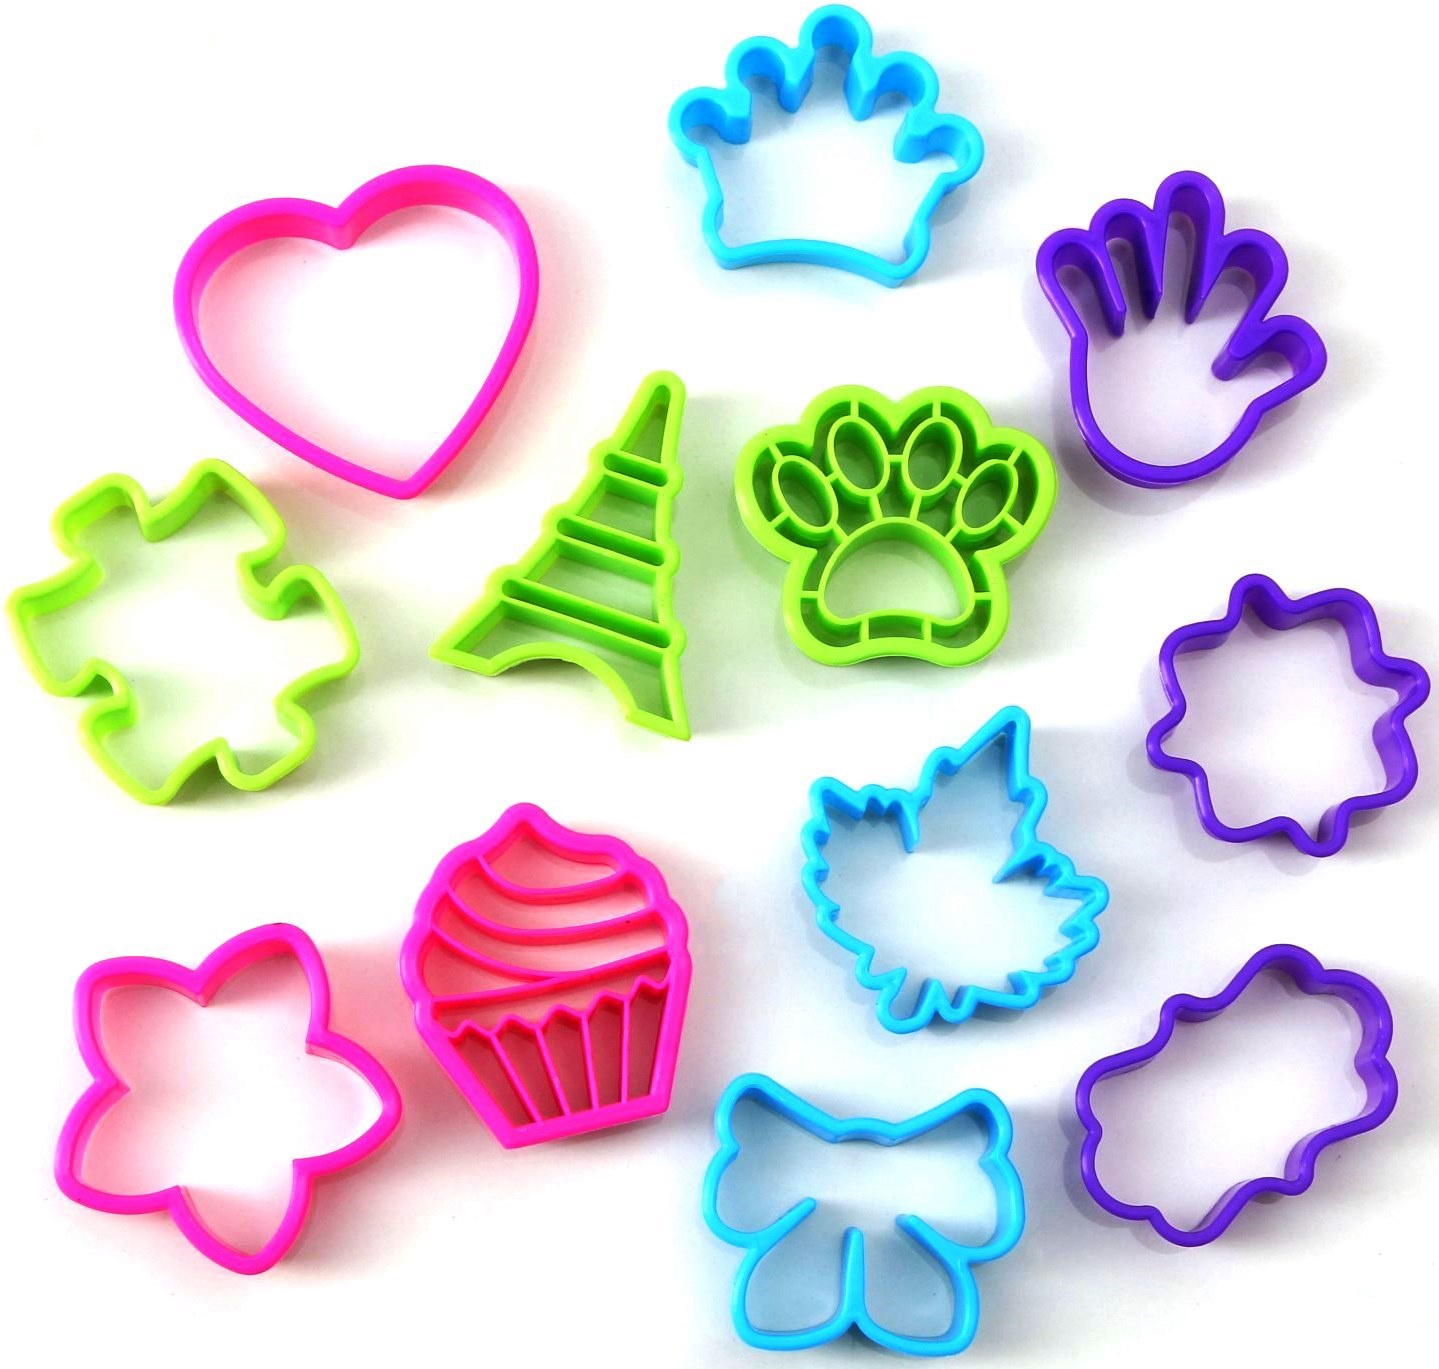 Форма для выпечки Fidget Go Воображение, голубой, фиолетовый, зеленый, розовый tayo футляр для хранения 2 х ножниц 21 5 см х 8 5 см х 2 5 см